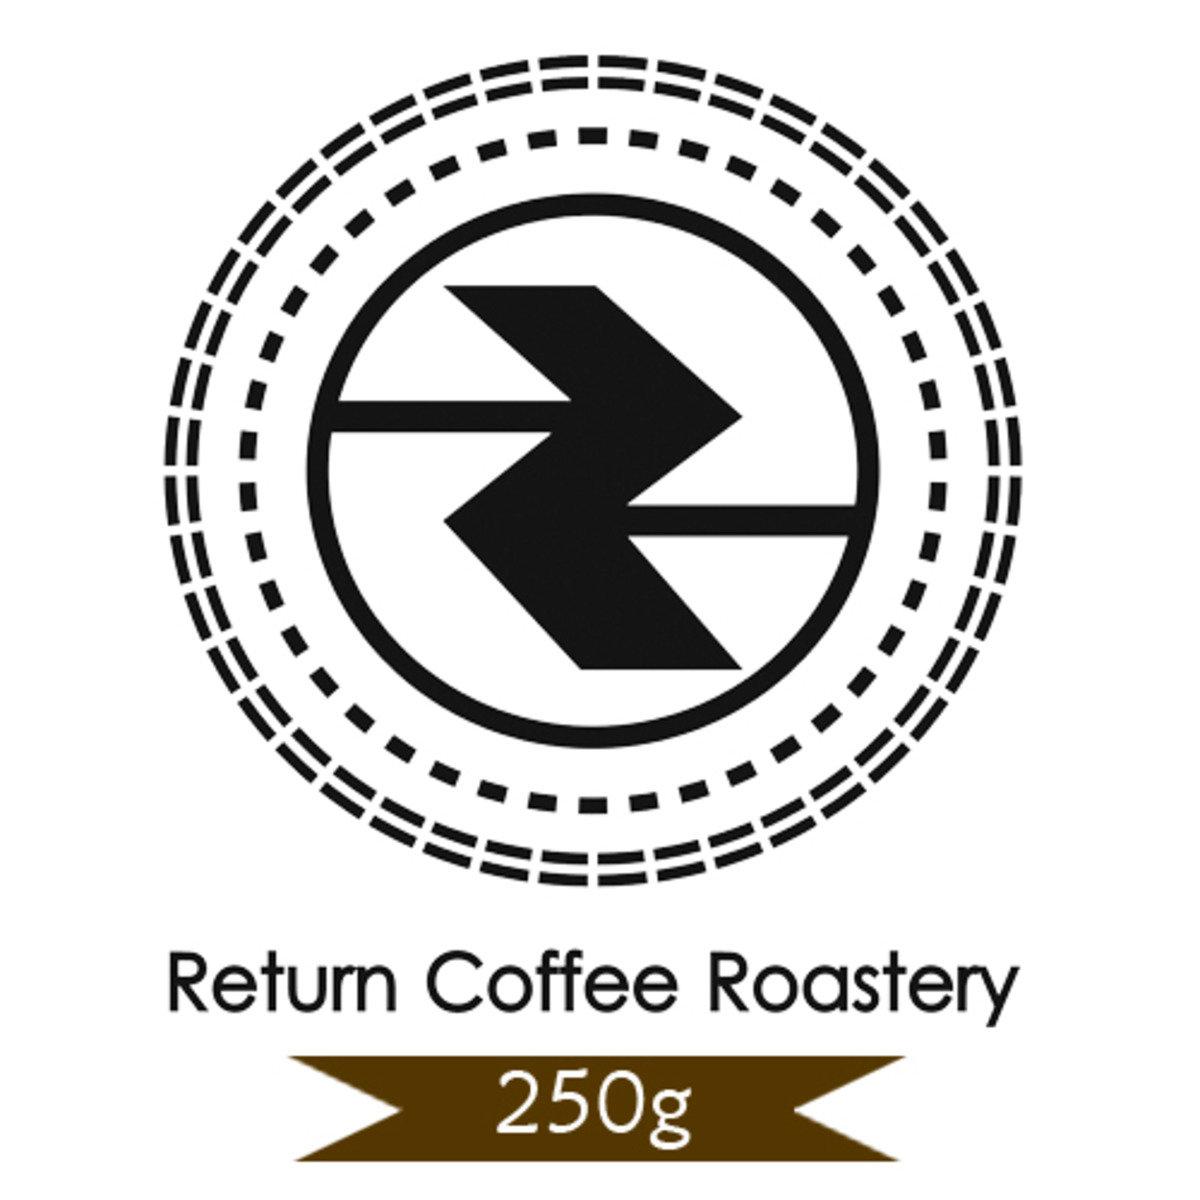 意式咖啡拼配豆 - Classic